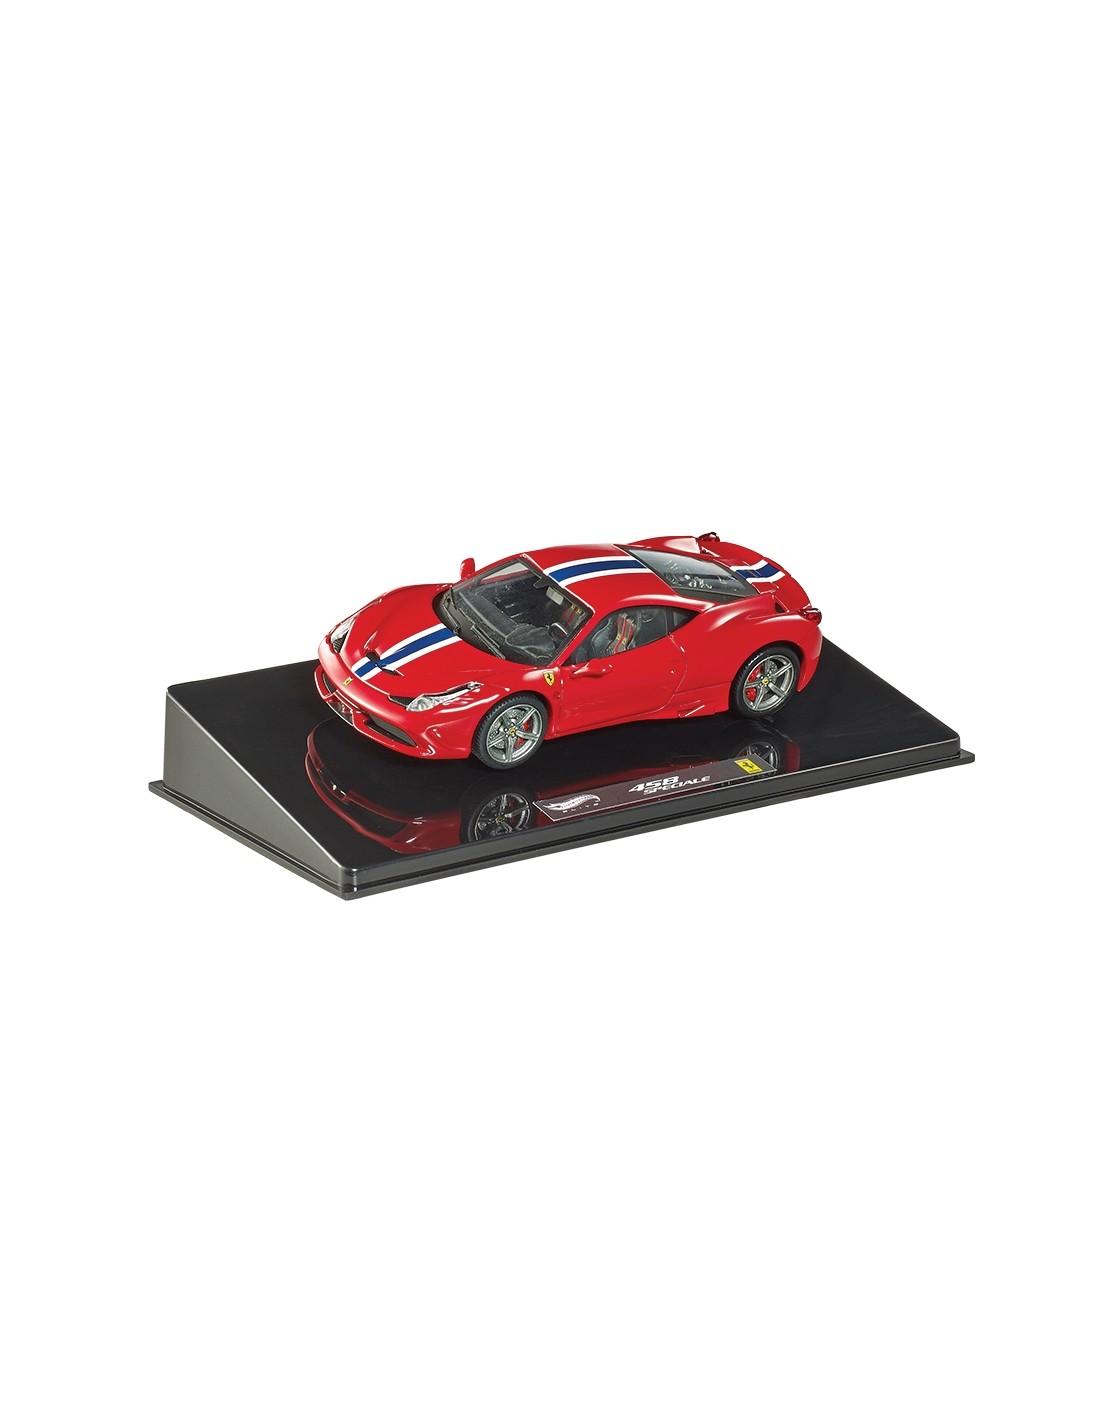 Ferrari Speciale 458: Hotwheels Elite Ferrari 458 Speciale 2013